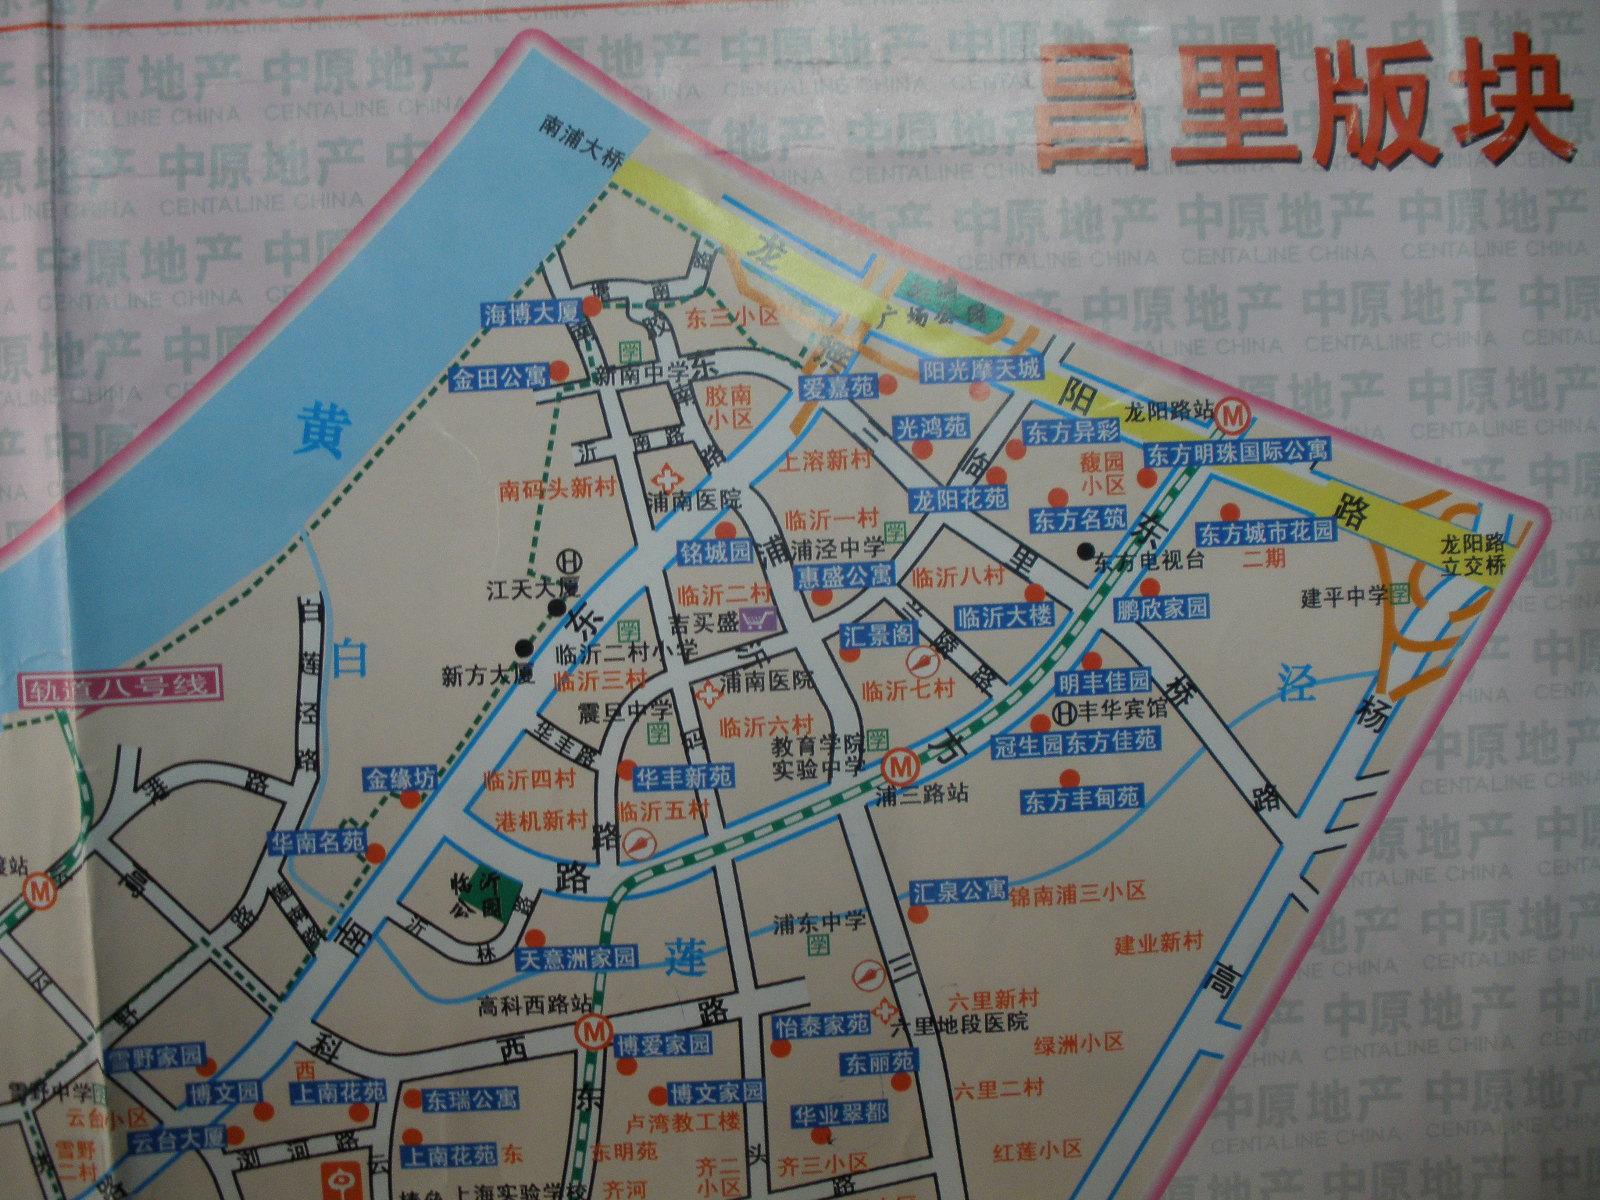 提供片区小区分布图-聊聊房产-房产商铺福利社-ttt